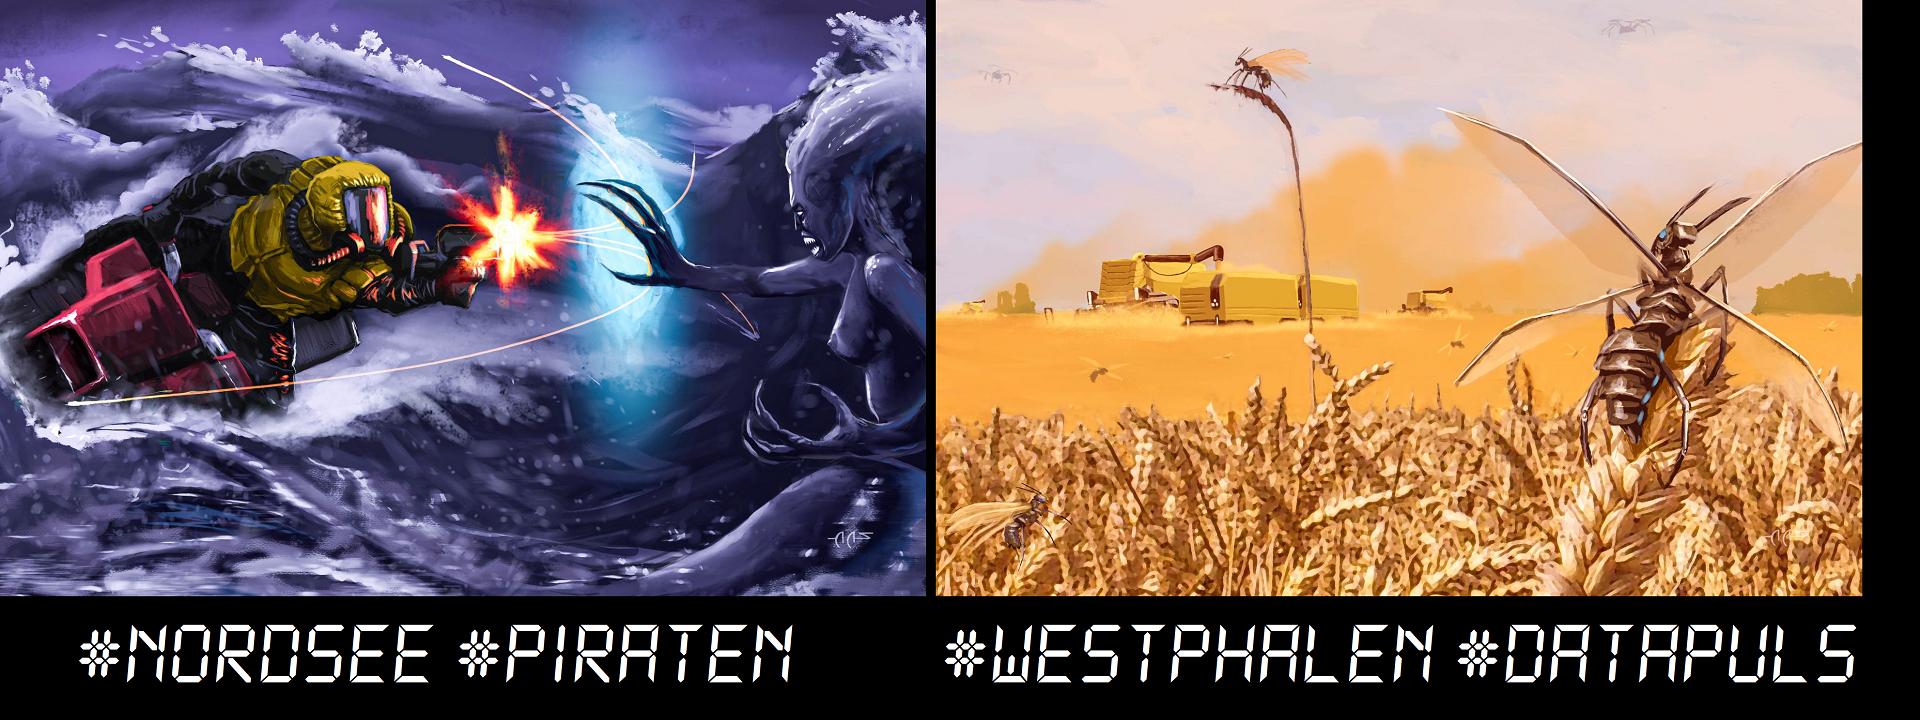 datapuls-nordsee-und-piraten-westphalen-